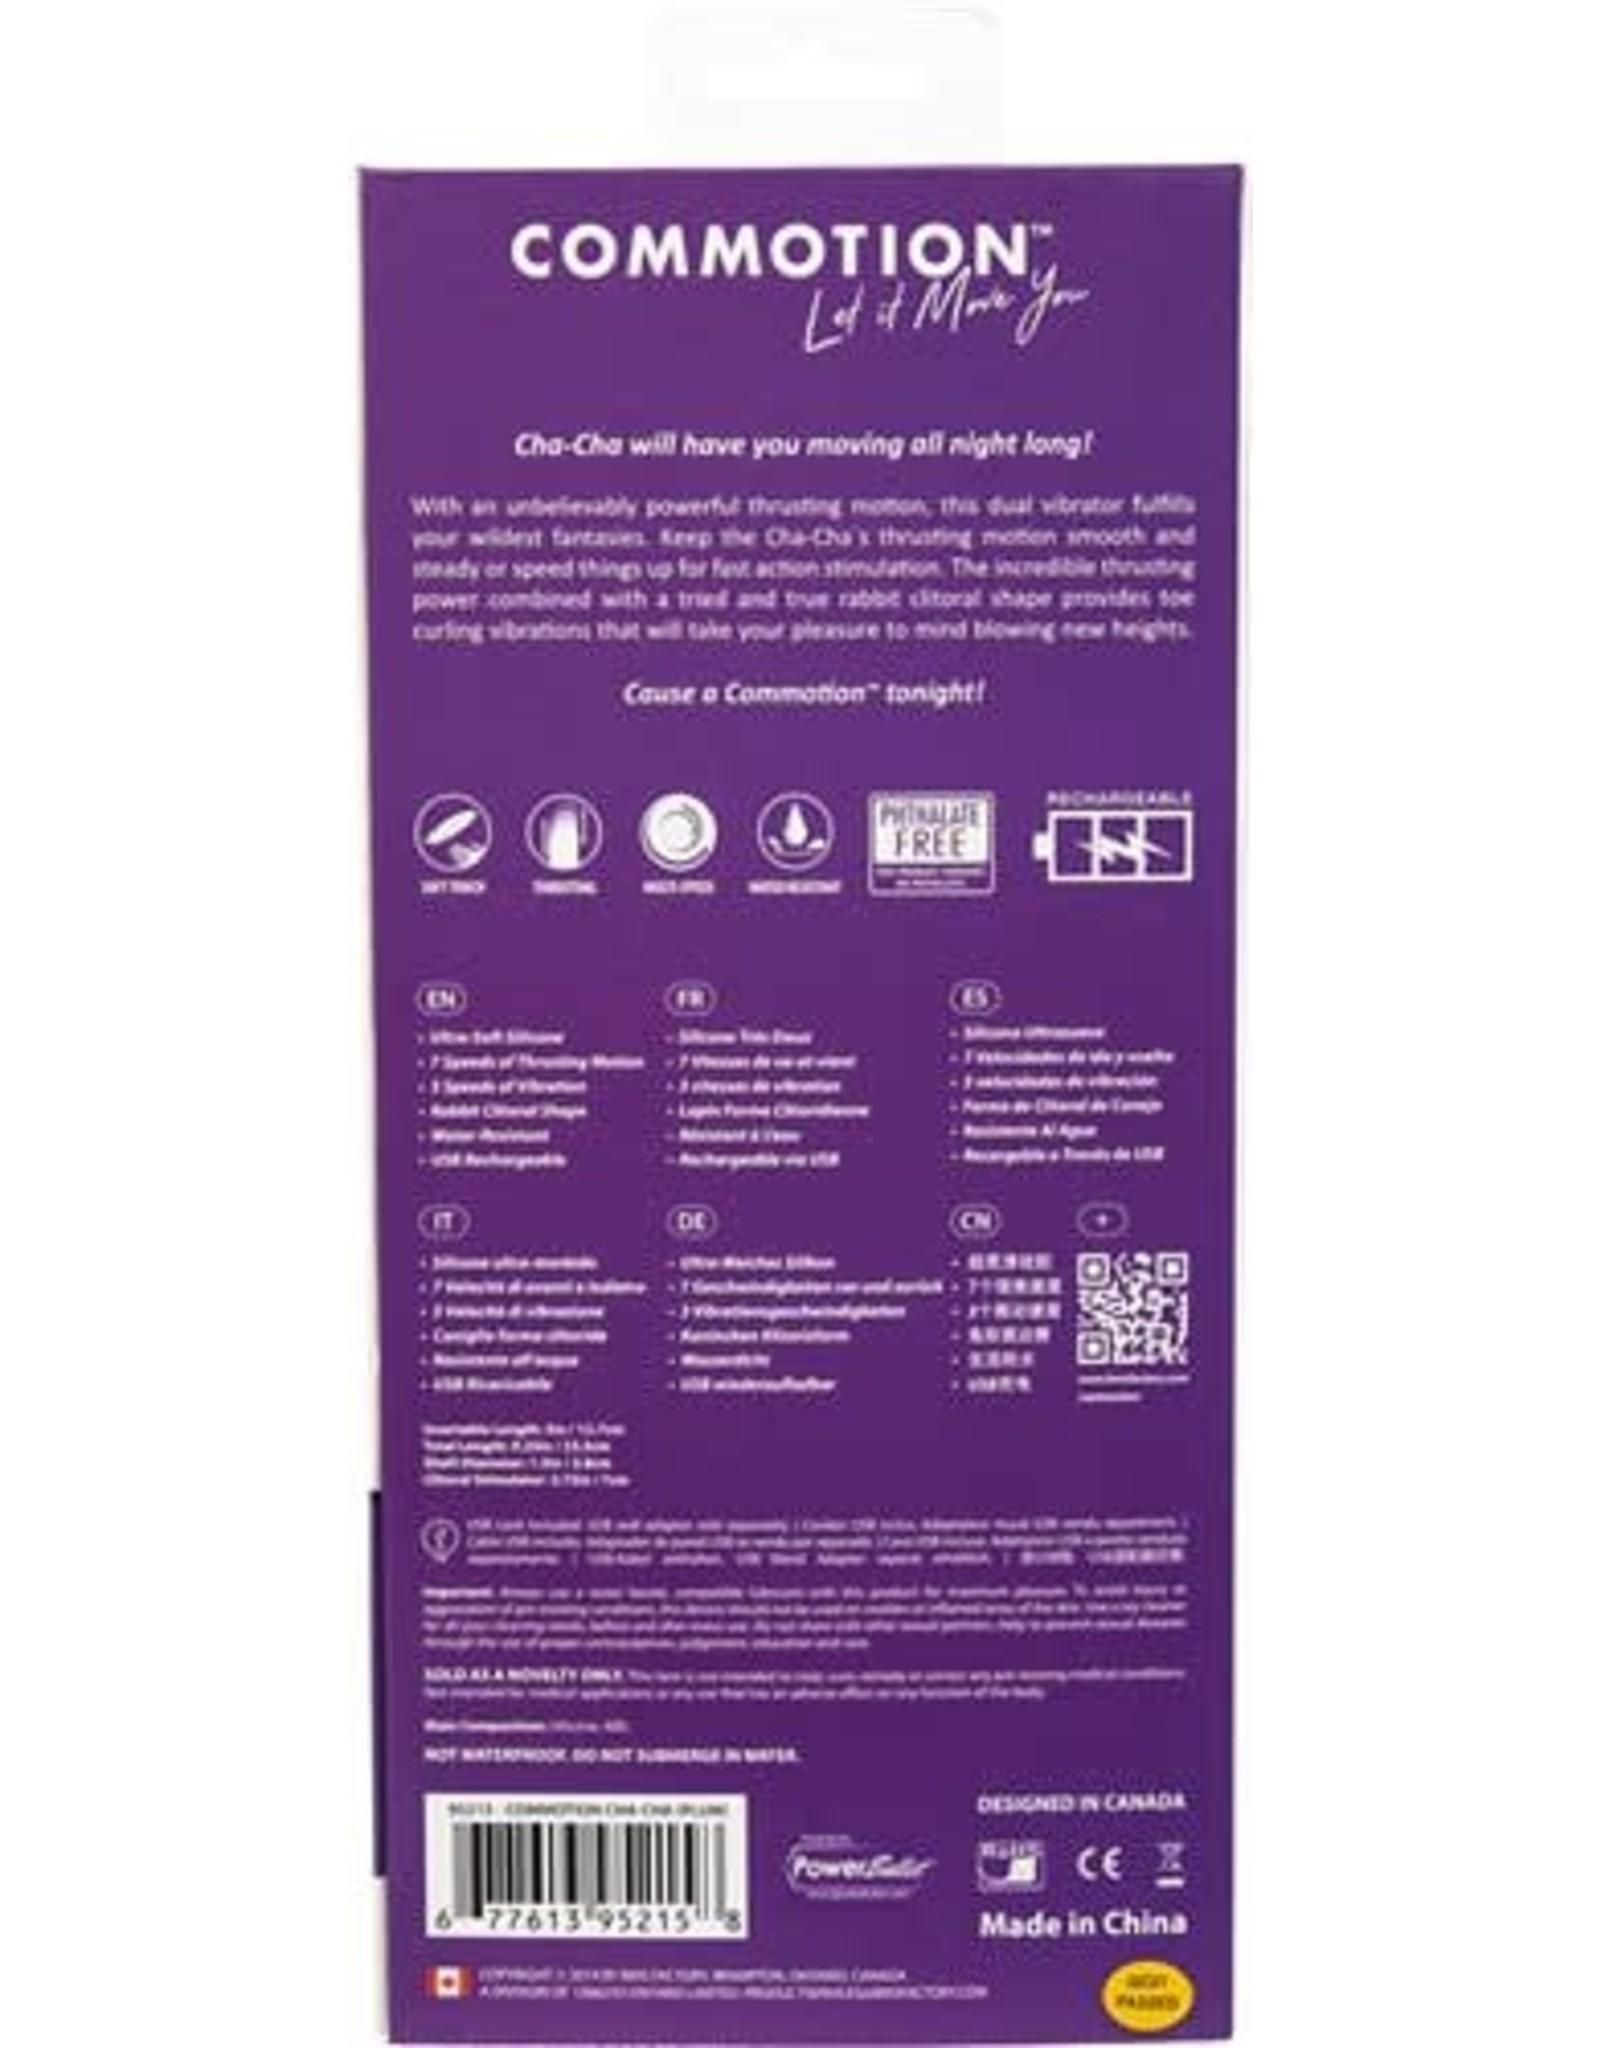 Commotion Cha-Cha Plum